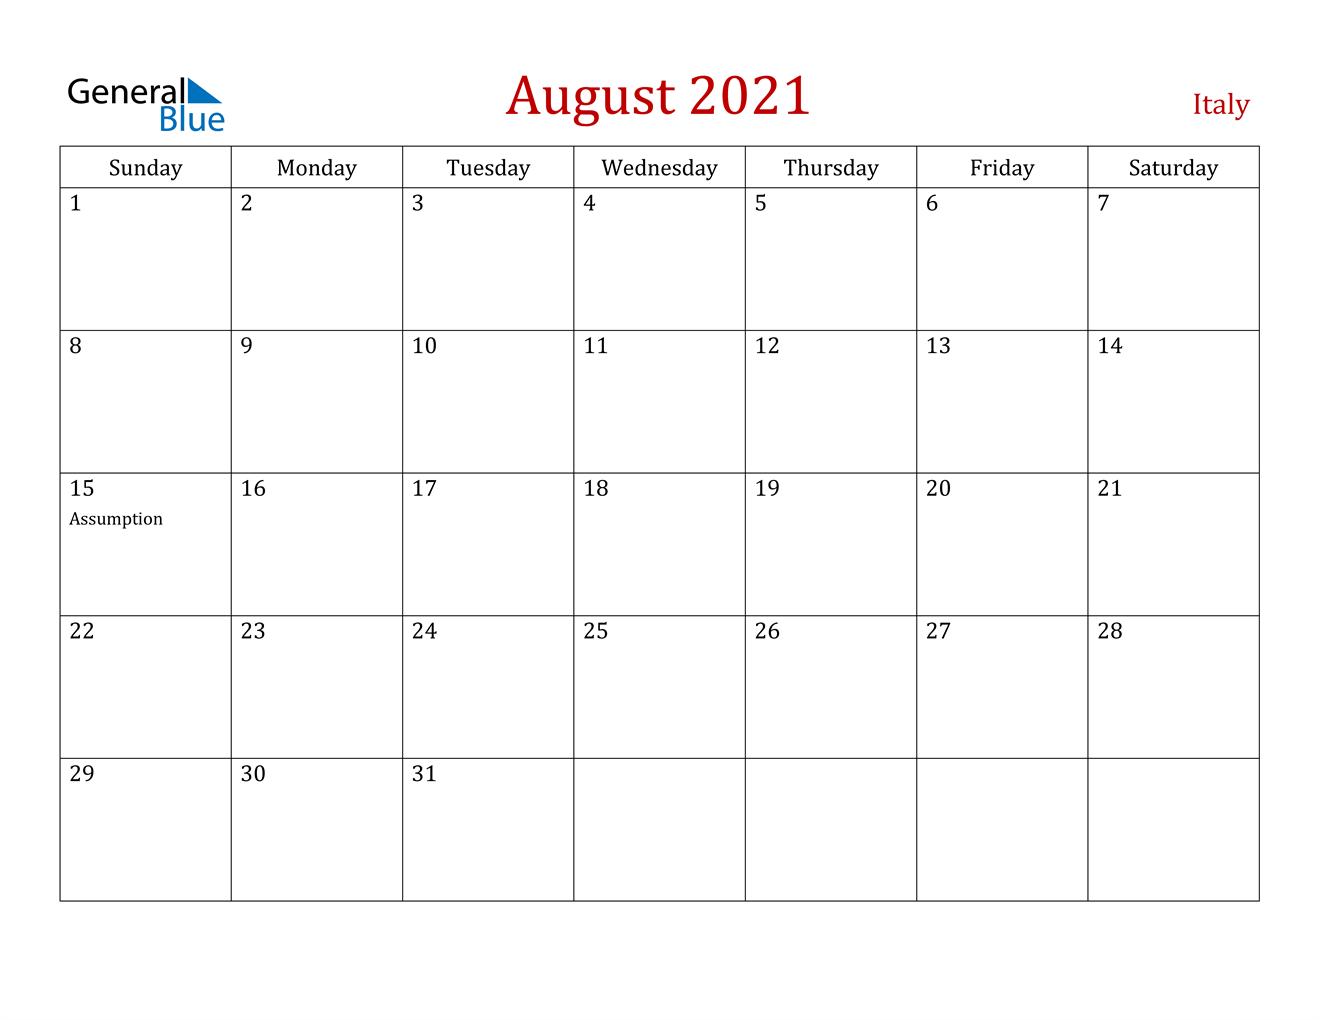 August 2021 Calendar - Italy